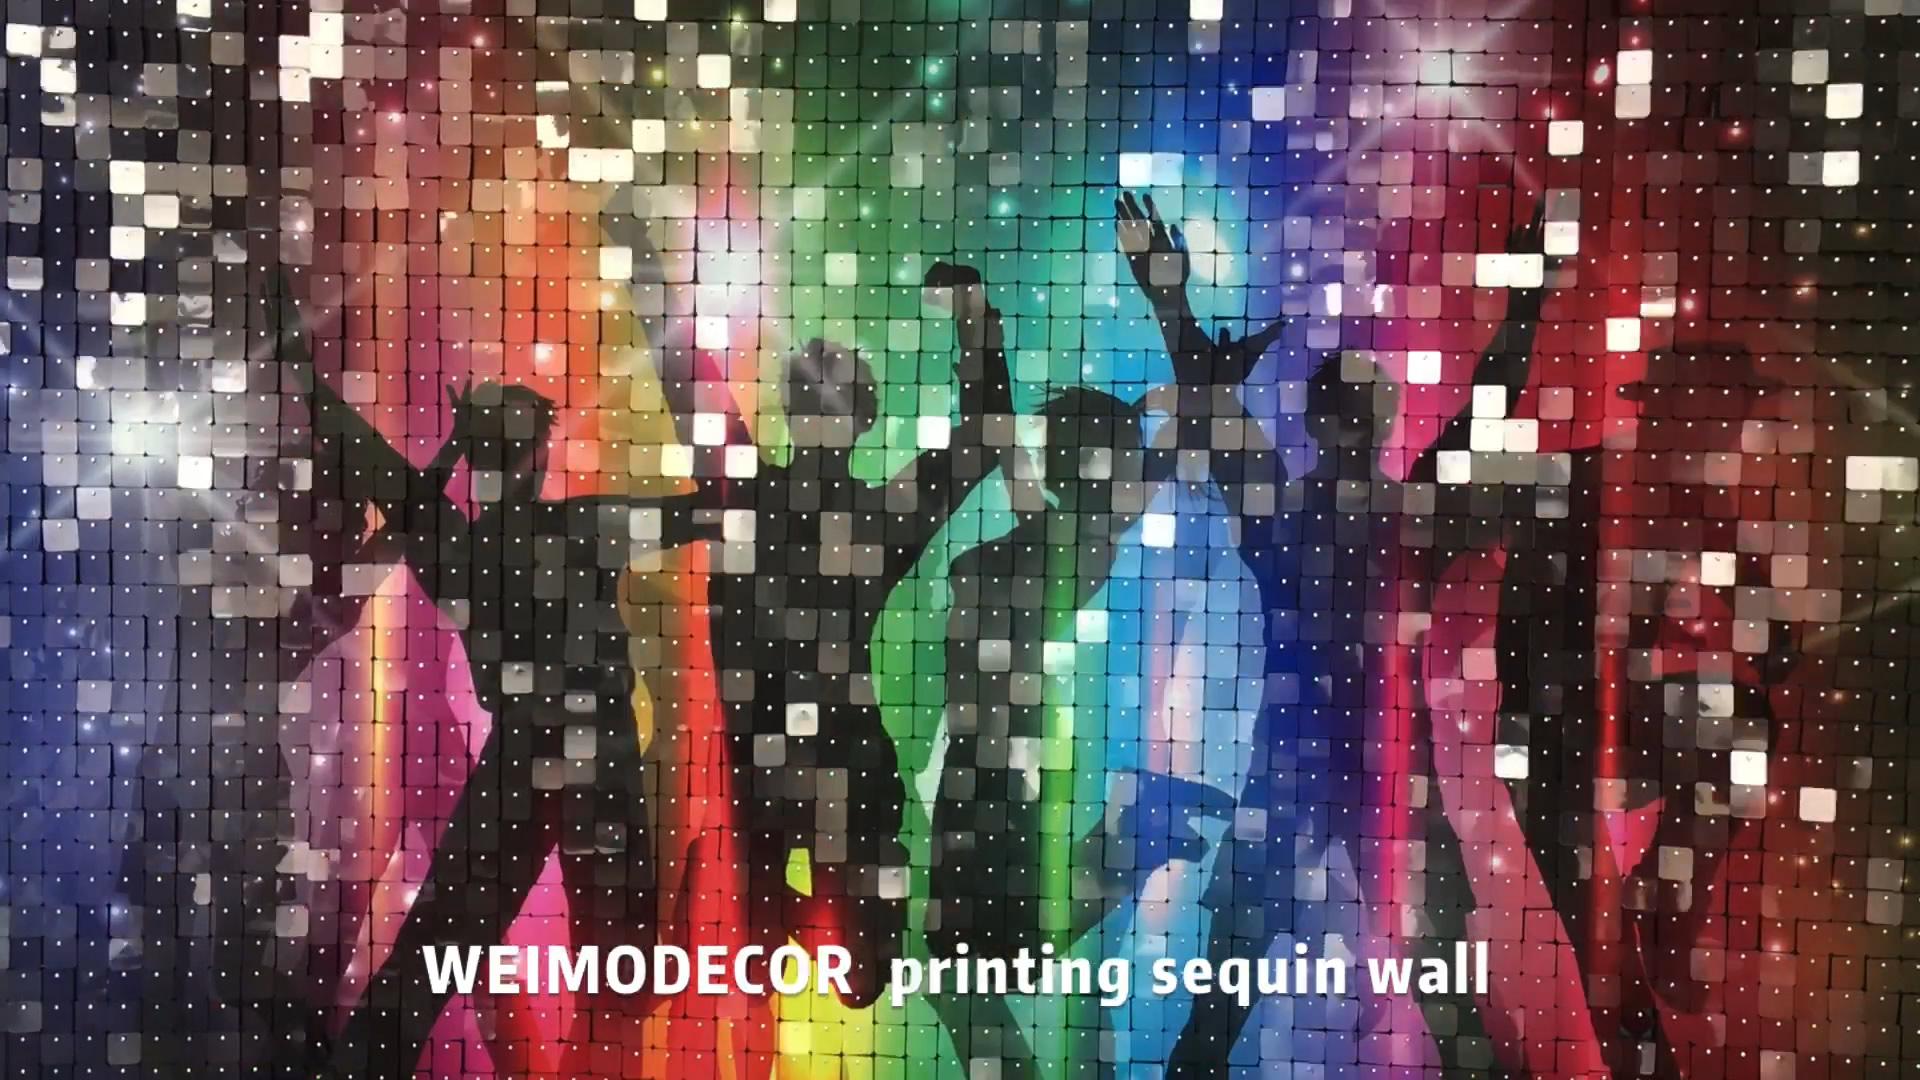 WEIMODECOR प्रिंटिंग सेक्विन वॉल